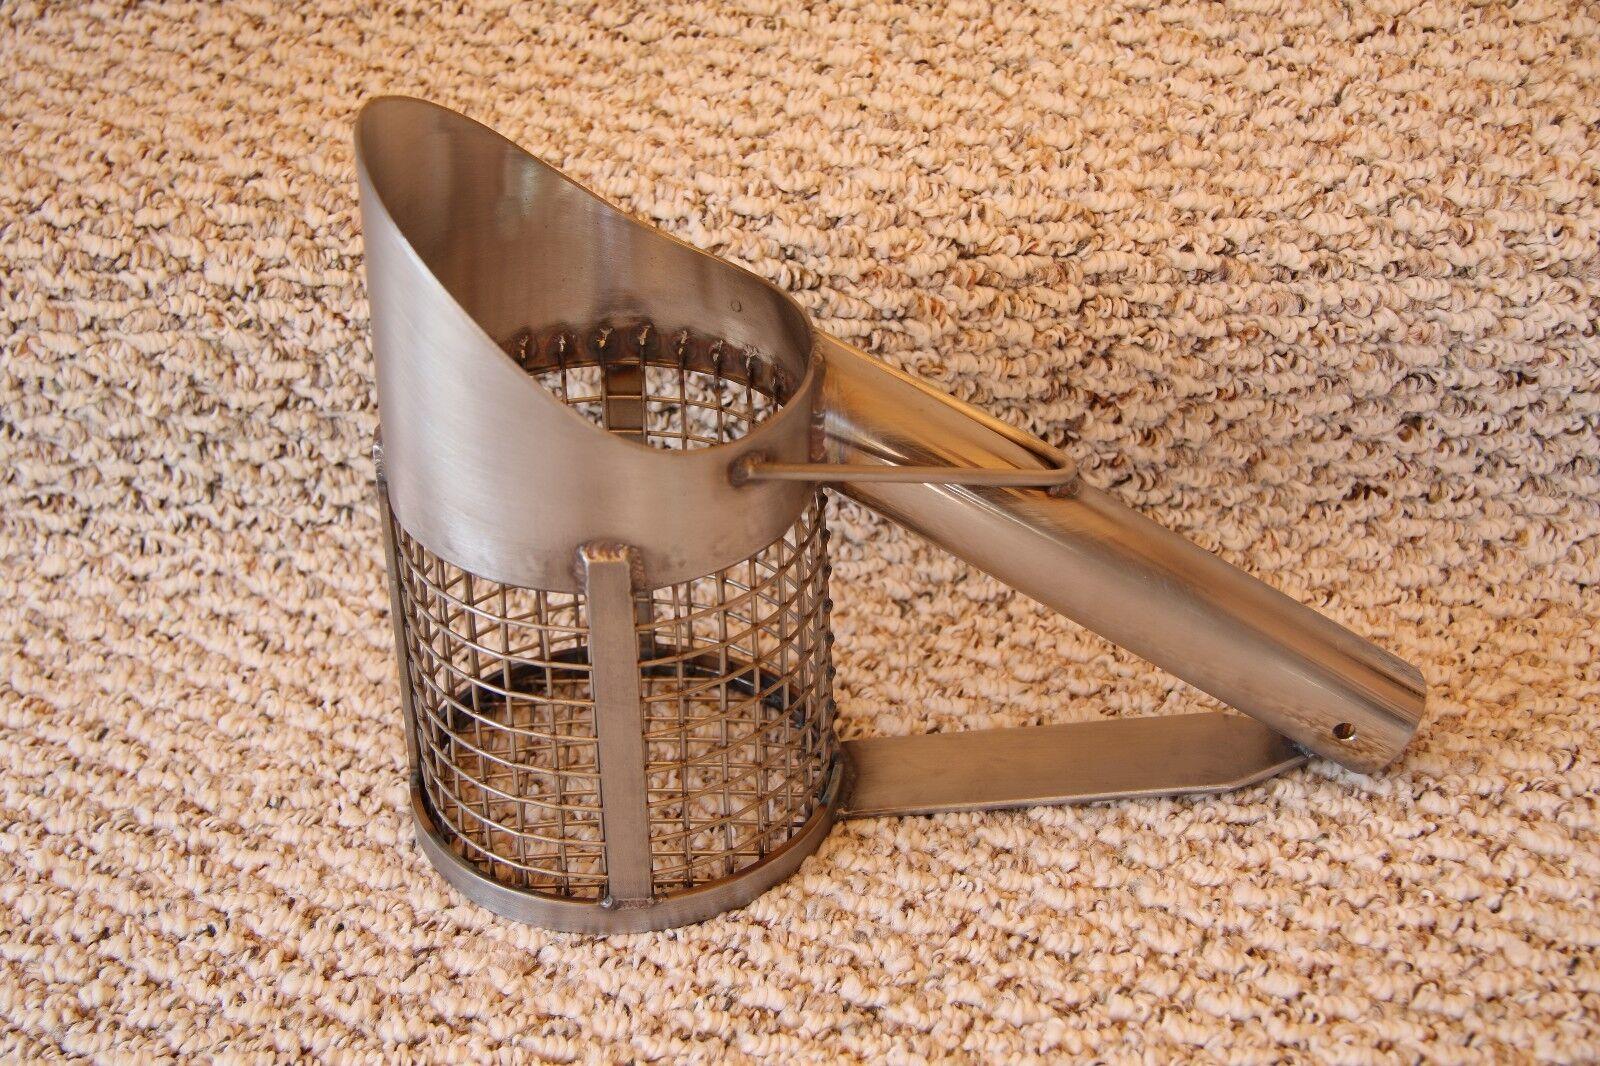 Wood handle Stainless Steel  Sand Scoop